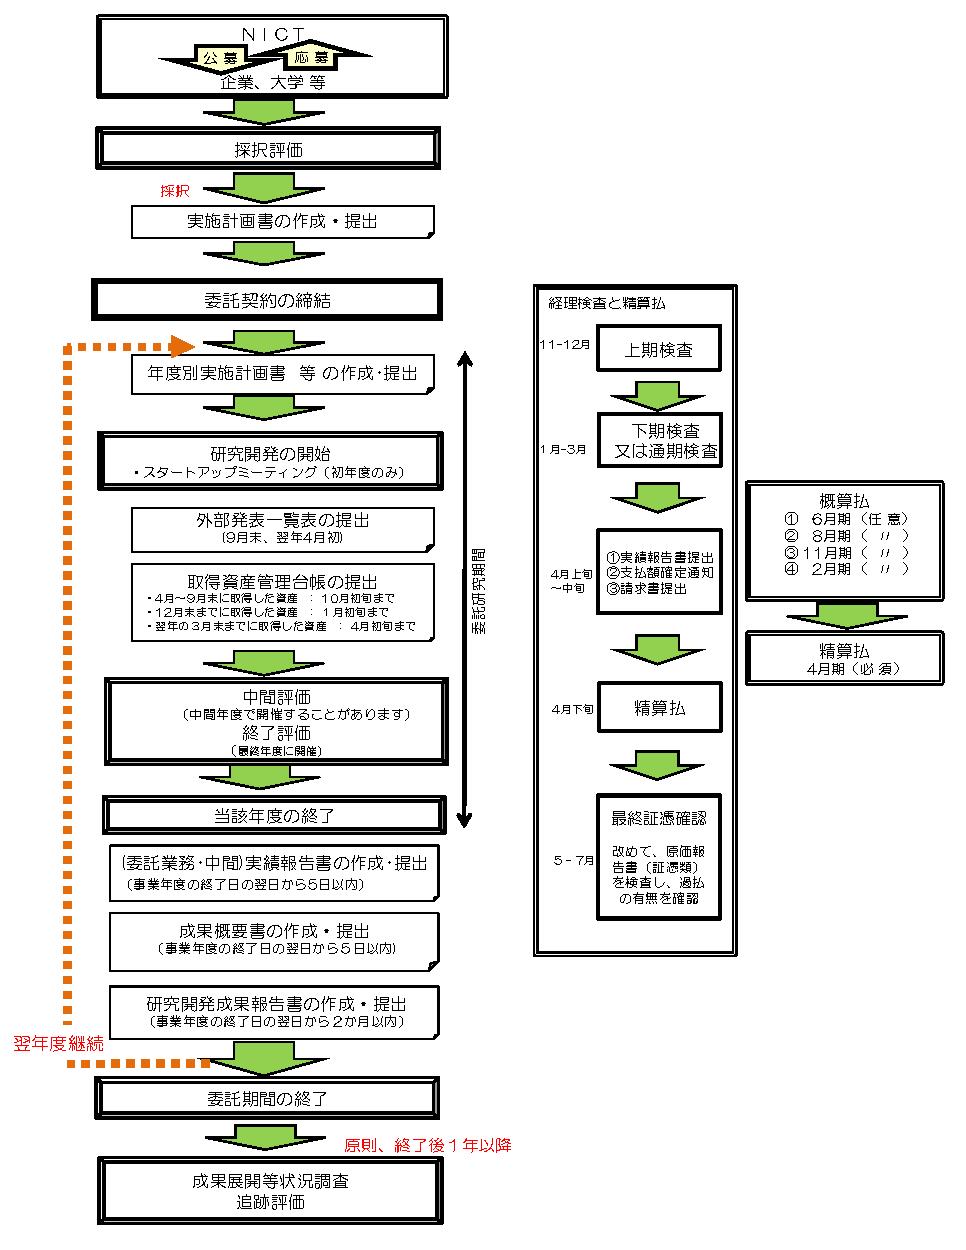 委託研究のフローを示す図